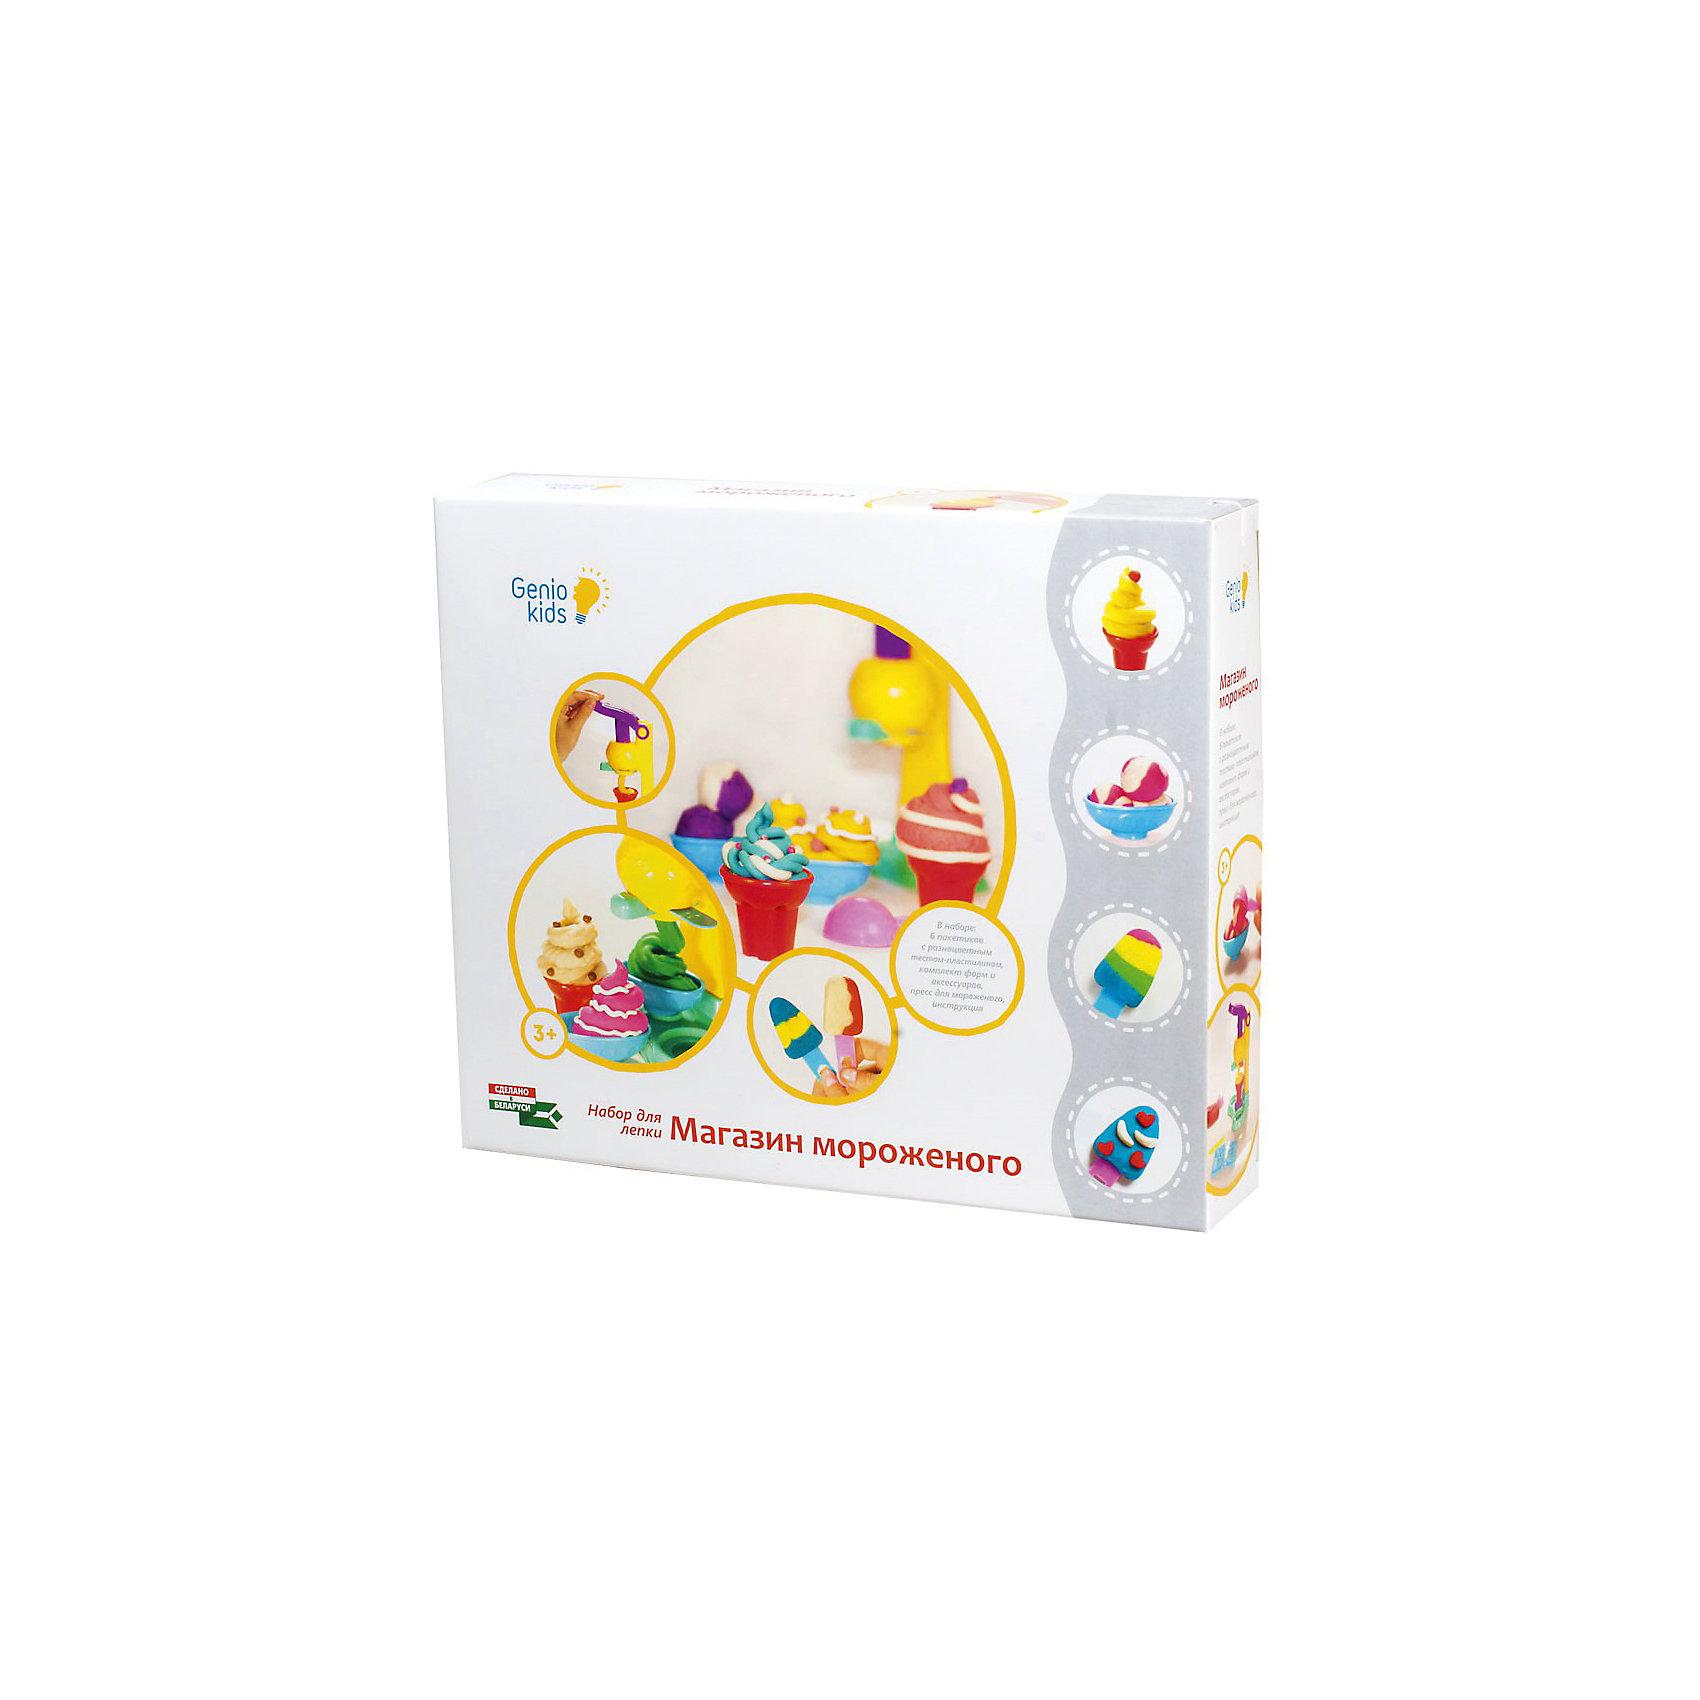 """Genio Kids Набор для детского творчества Магазин мороженого genio kids набор для детского творчества """"шкатулка"""""""